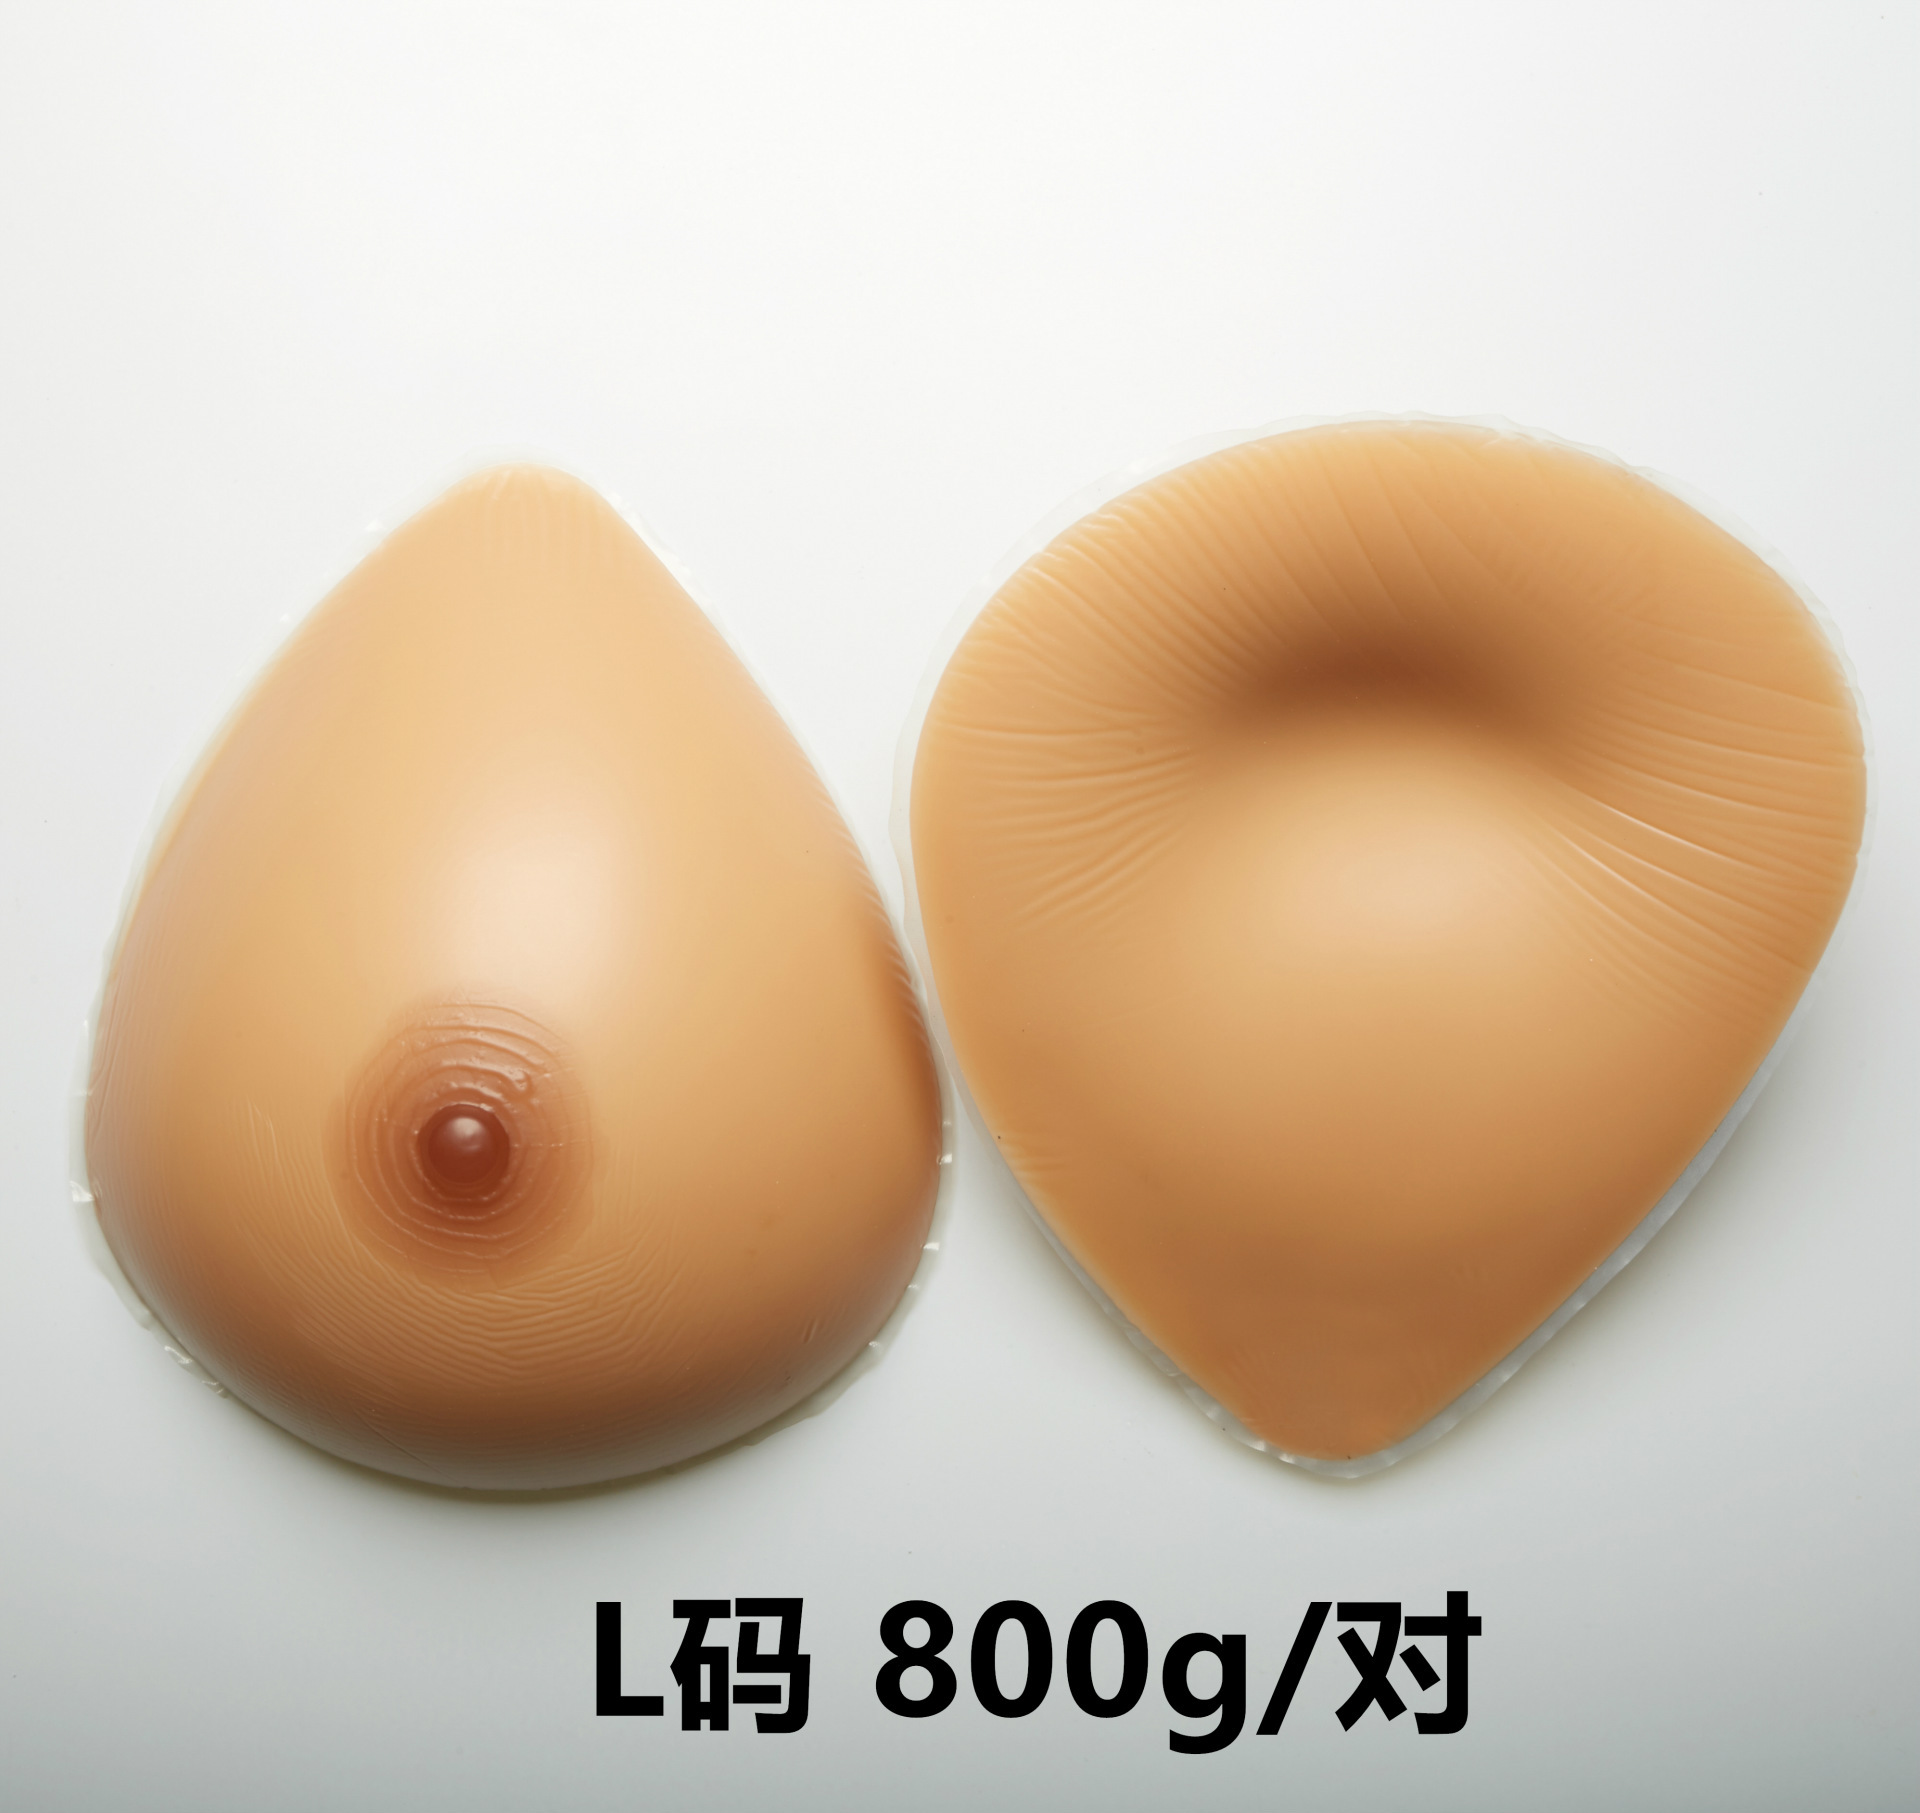 Реалистичная накладная грудь 24 фотография